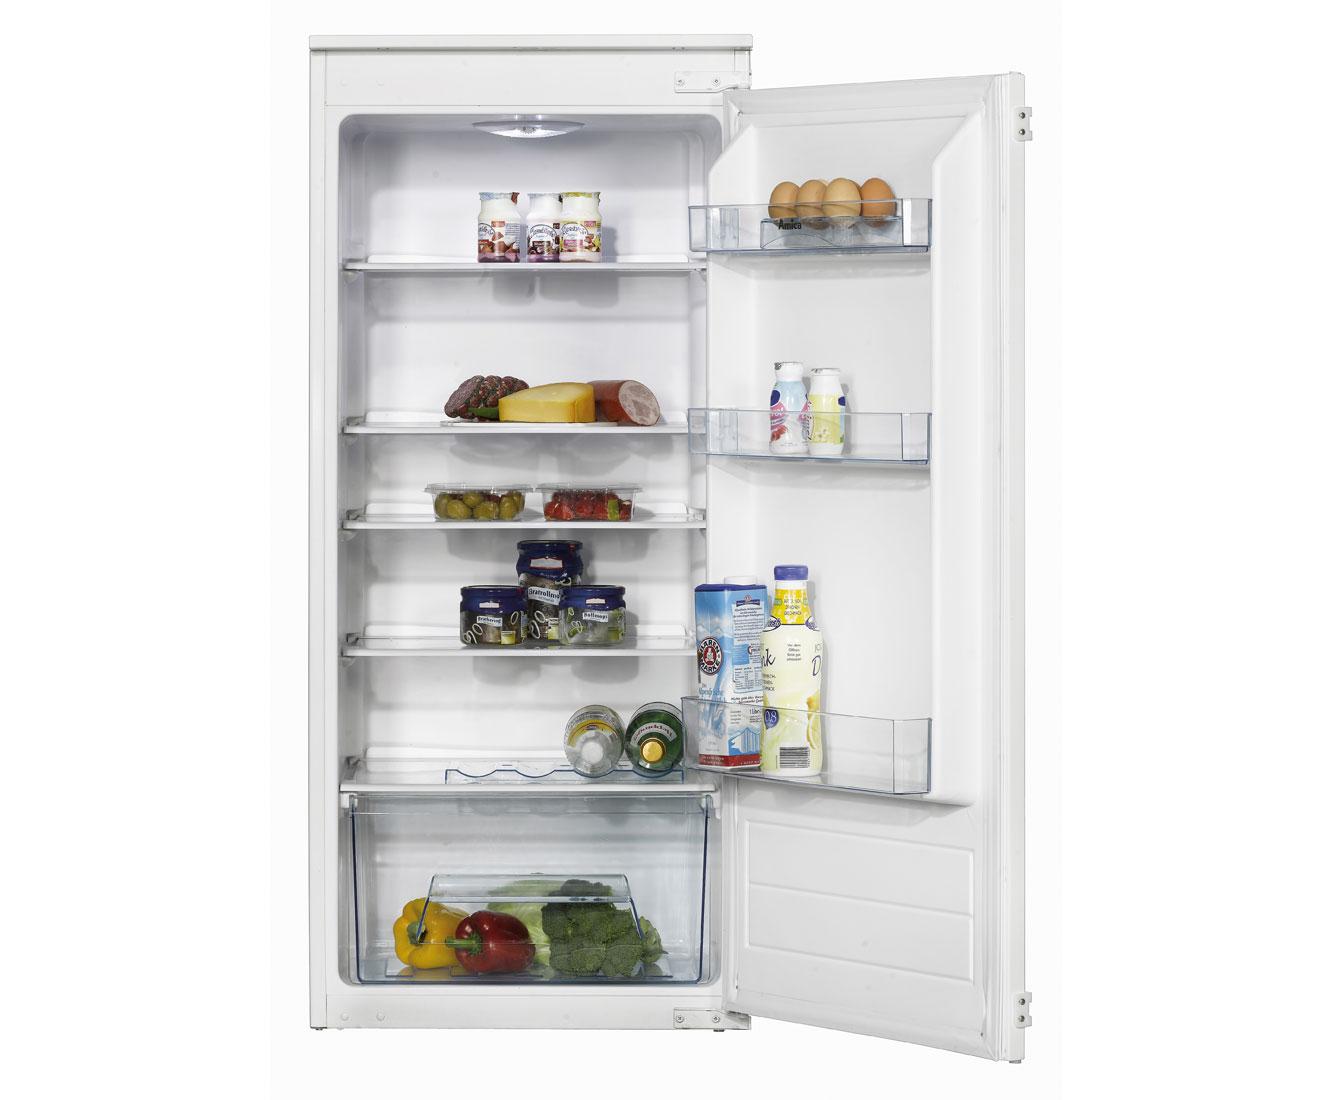 Kleiner Kühlschrank Idealo : Rabatt preisvergleich weiße ware u e kühlen gefrieren u e kühlschrank